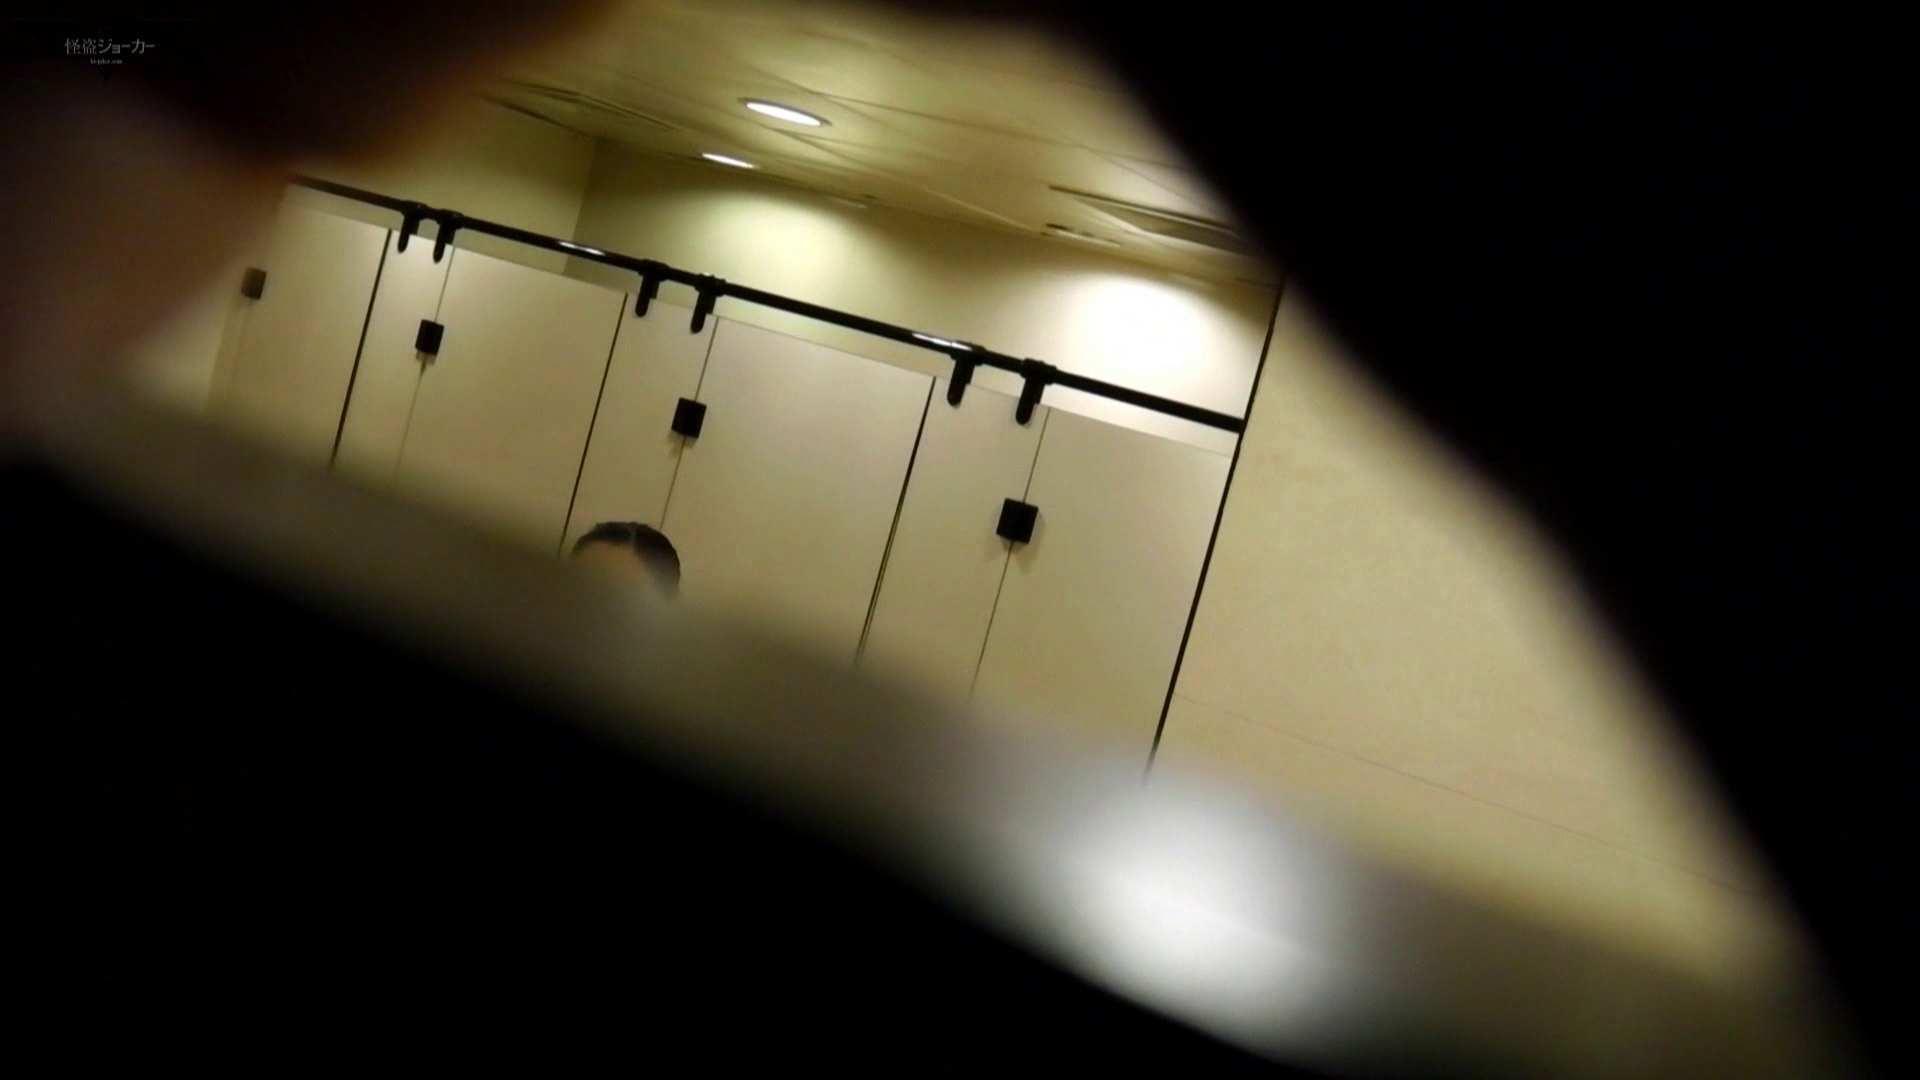 新世界の射窓 No70 世界の窓70 八頭身美女のエロい中腰 洗面所 AV動画キャプチャ 101画像 29